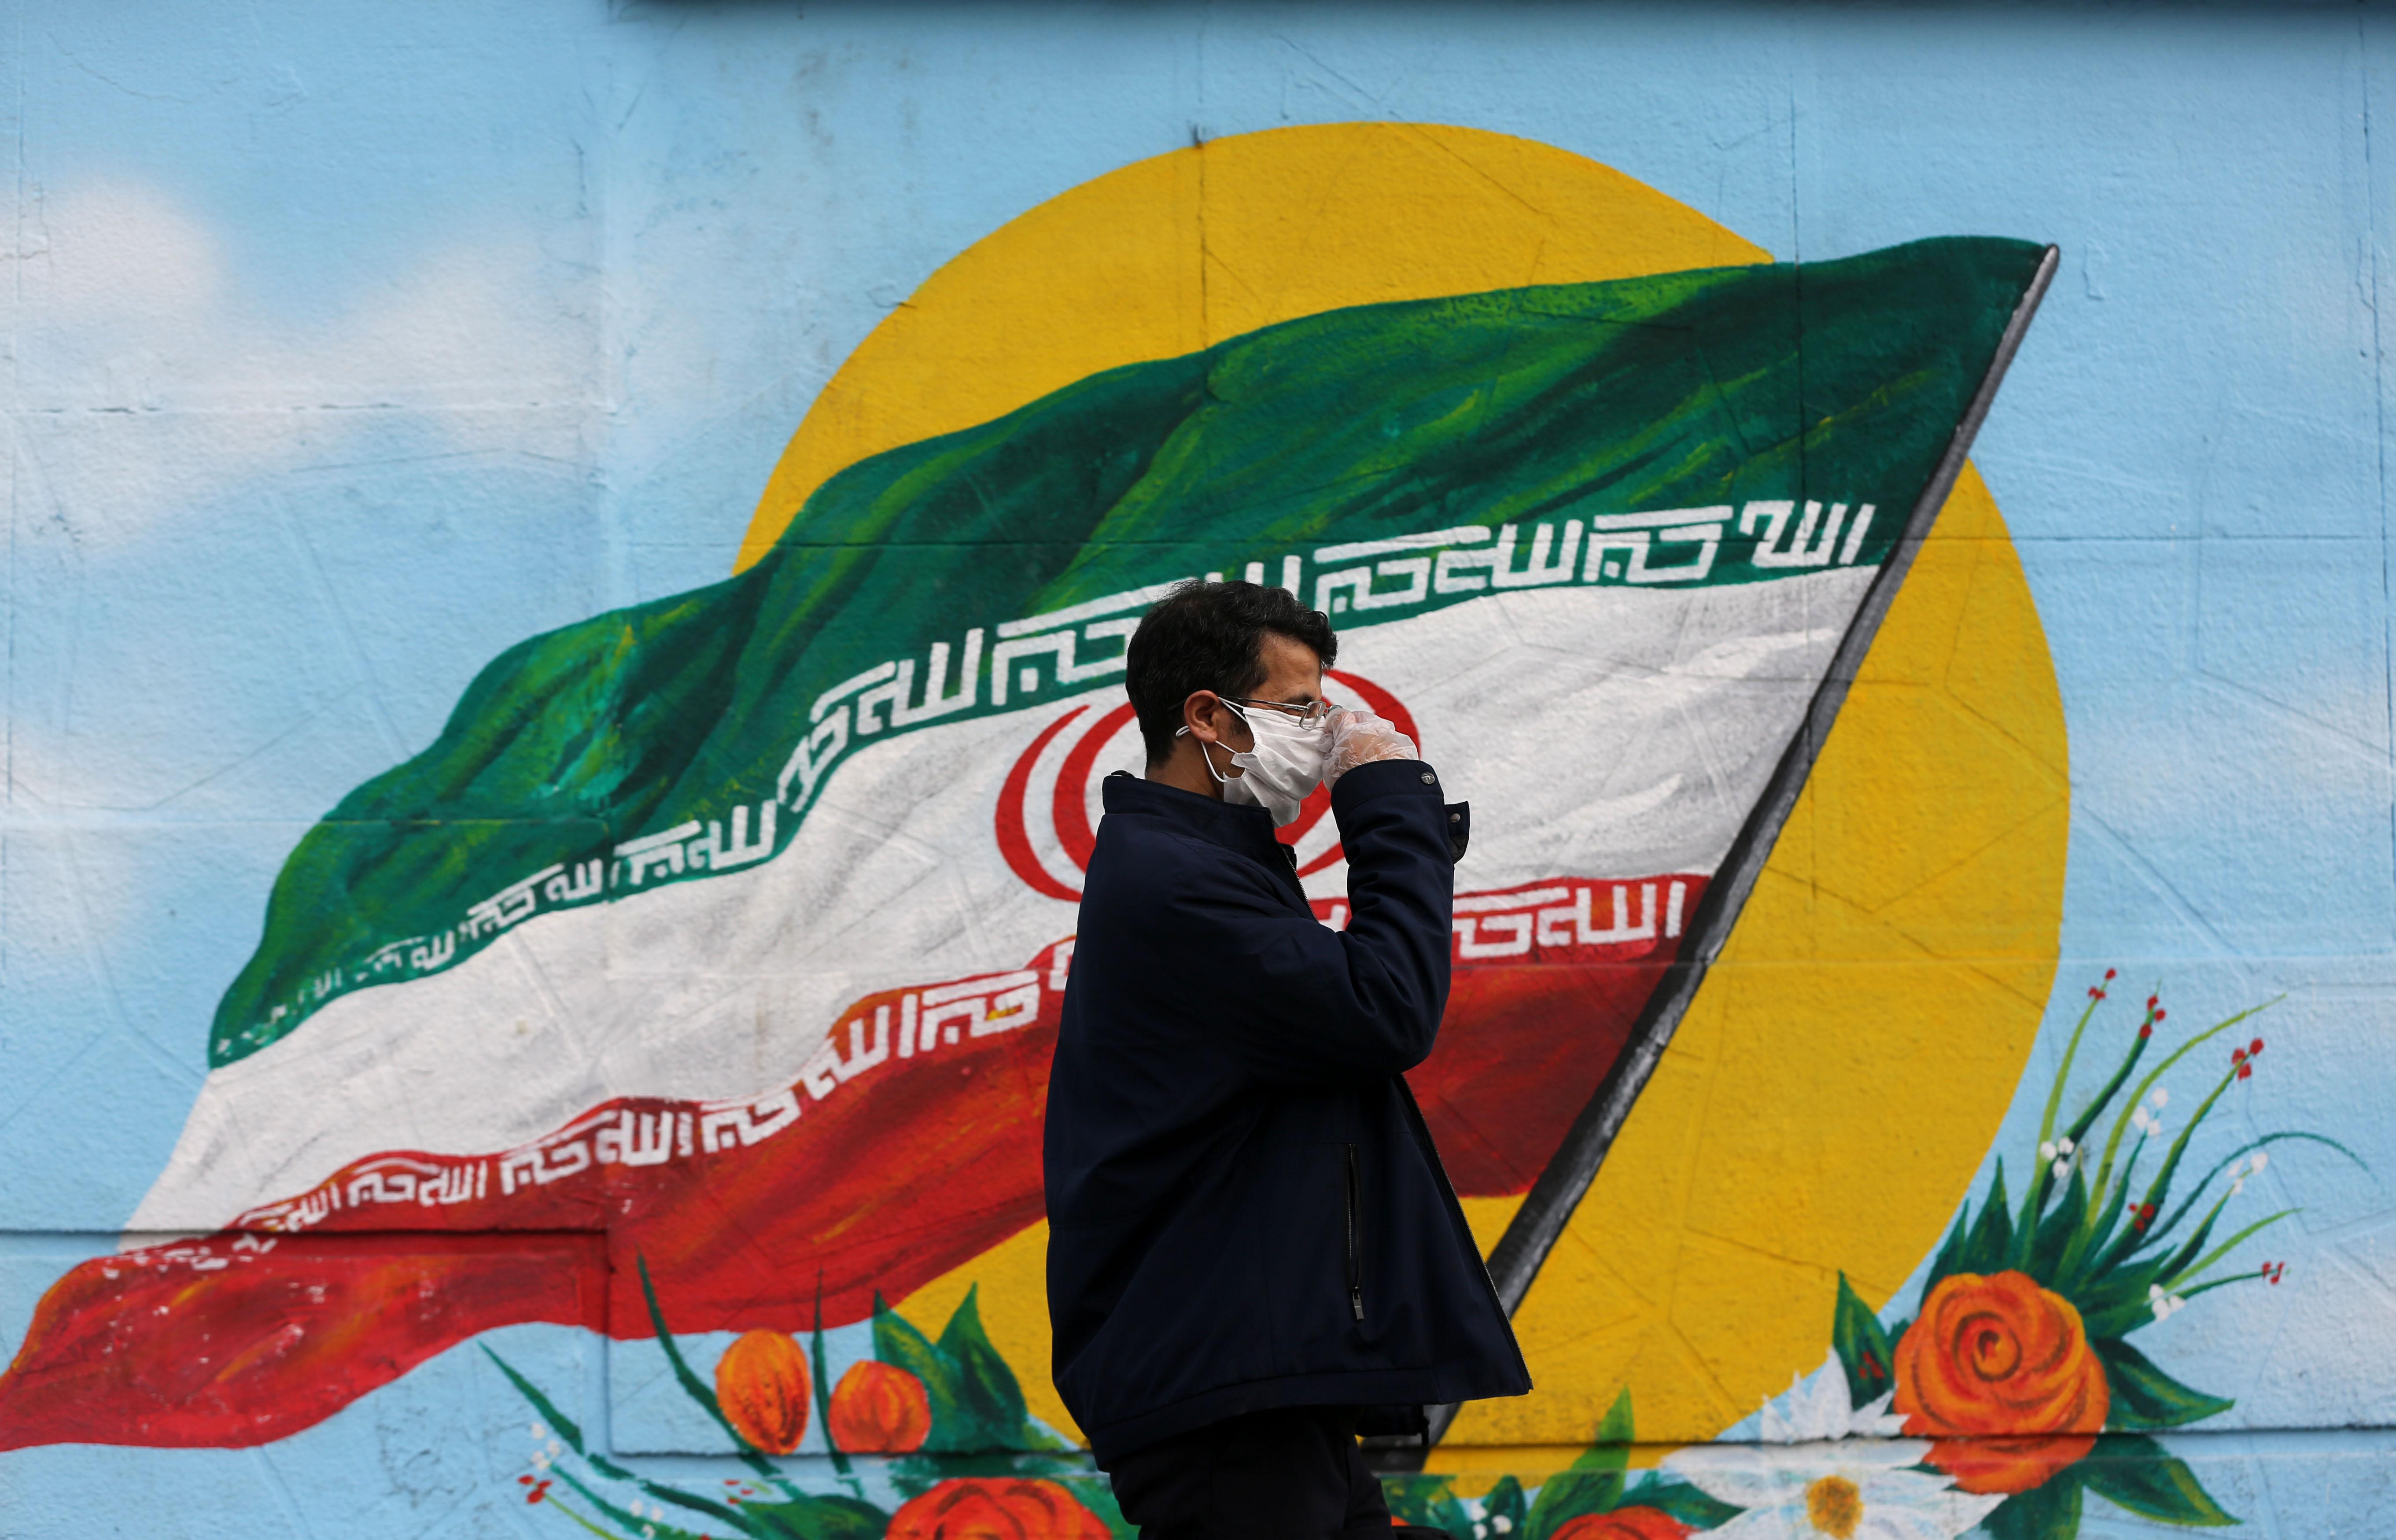 Elutasították a korábban koronavírus miatt karanténba zárt, kiutasított irániak azonnali jogvédelem iránti kérelmét